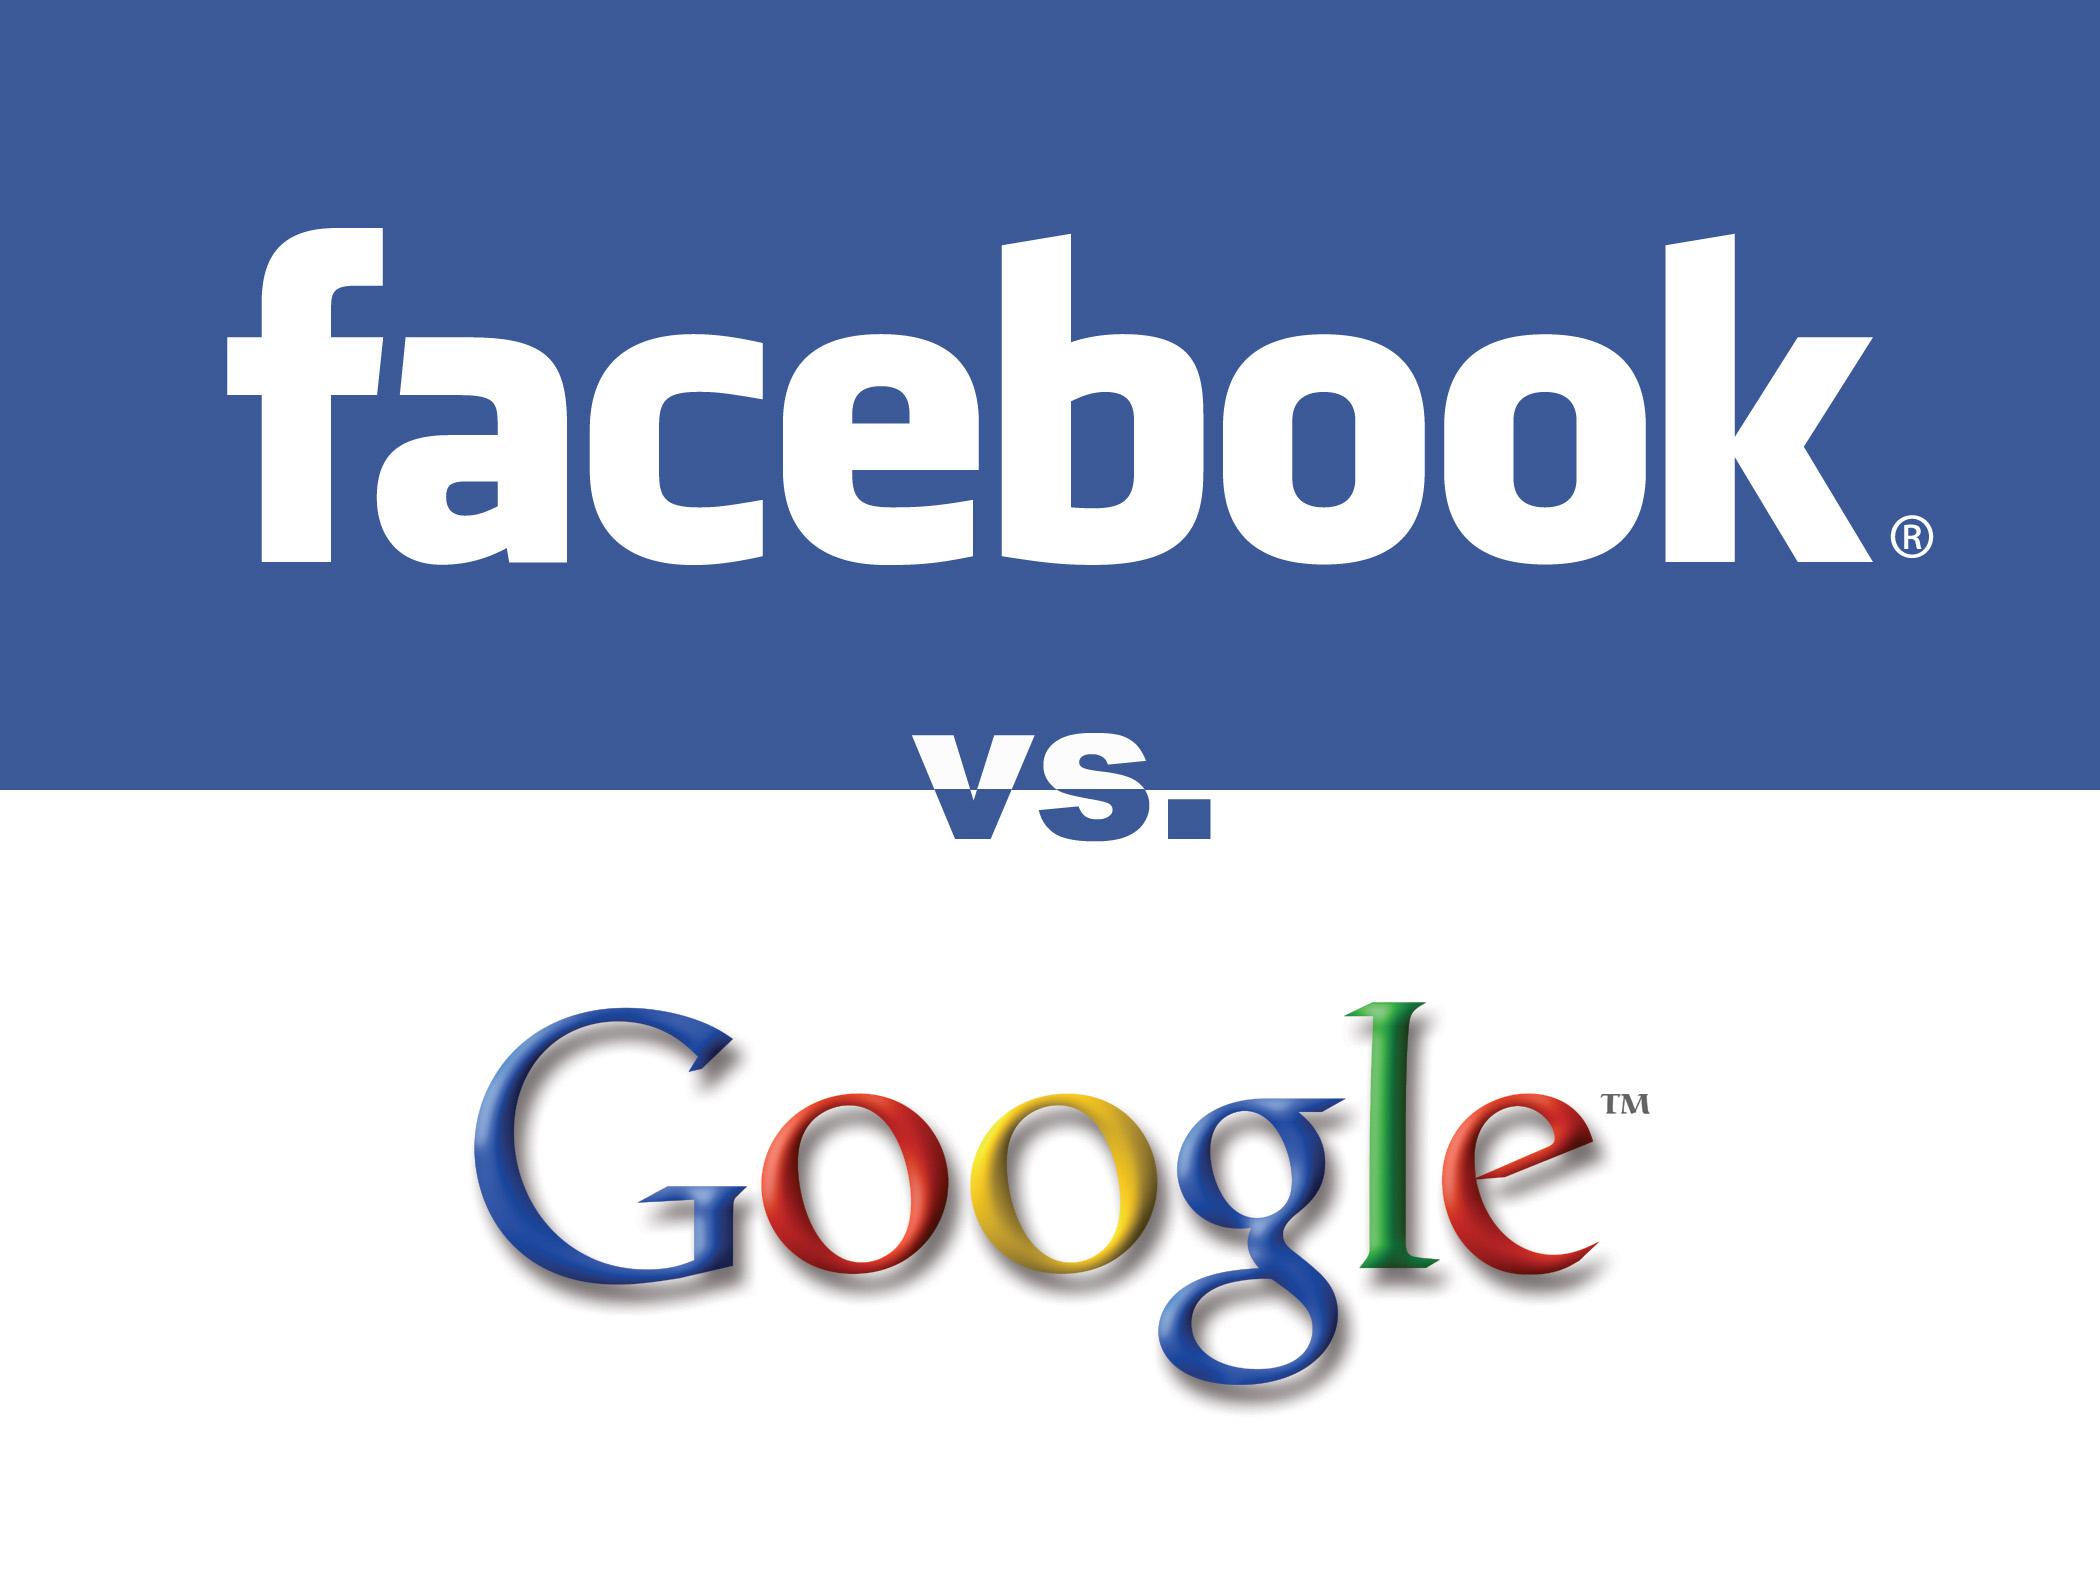 Collegati a Facebook e riceverai sconti: il fenomeno Deals